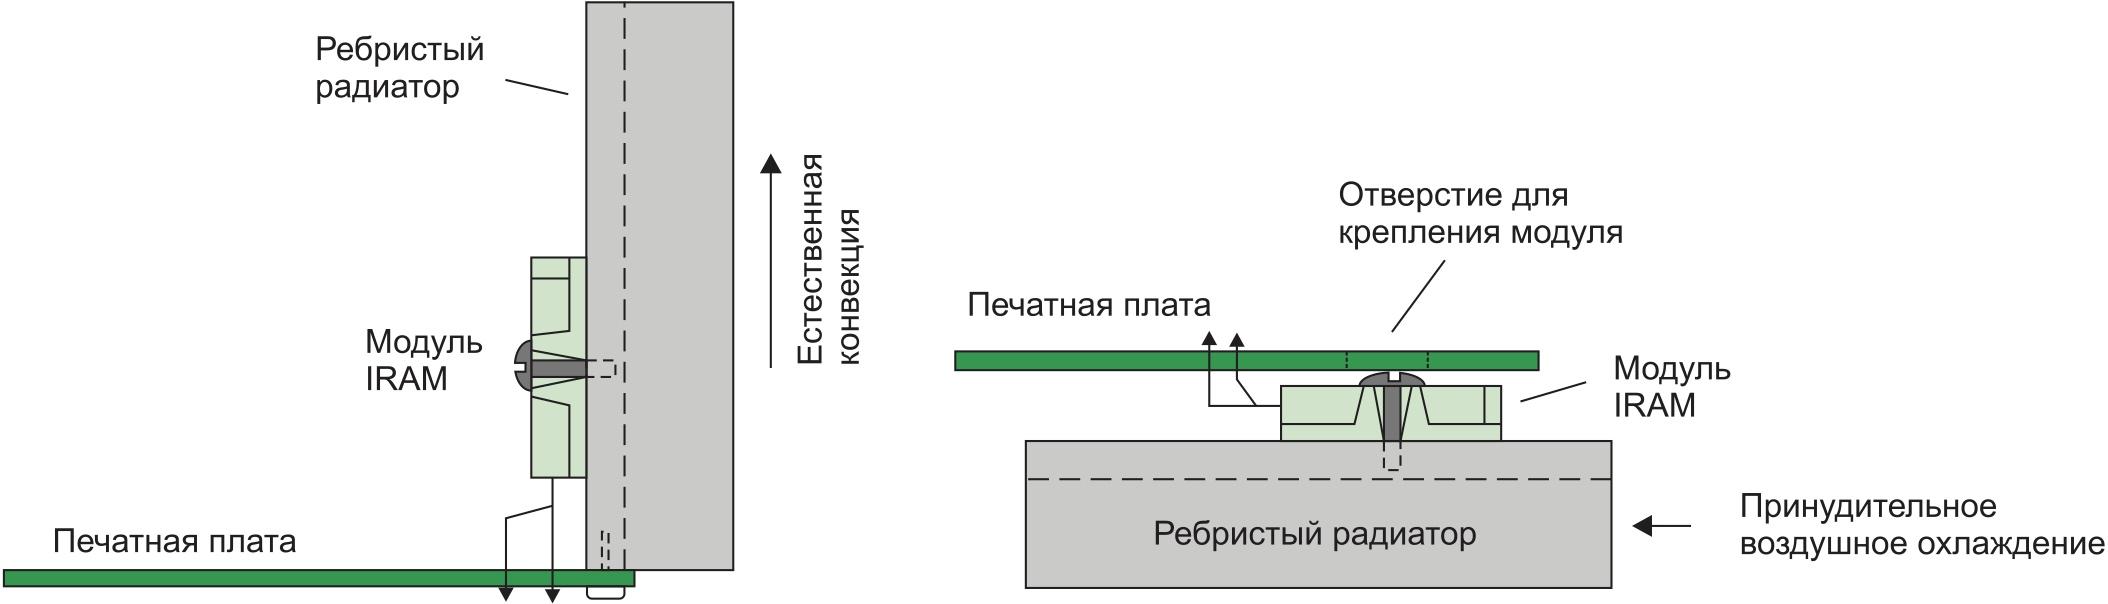 Монтаж модуля IRAM: а) с прямыми выводами; б) с выводами, отогнутыми под прямым углом